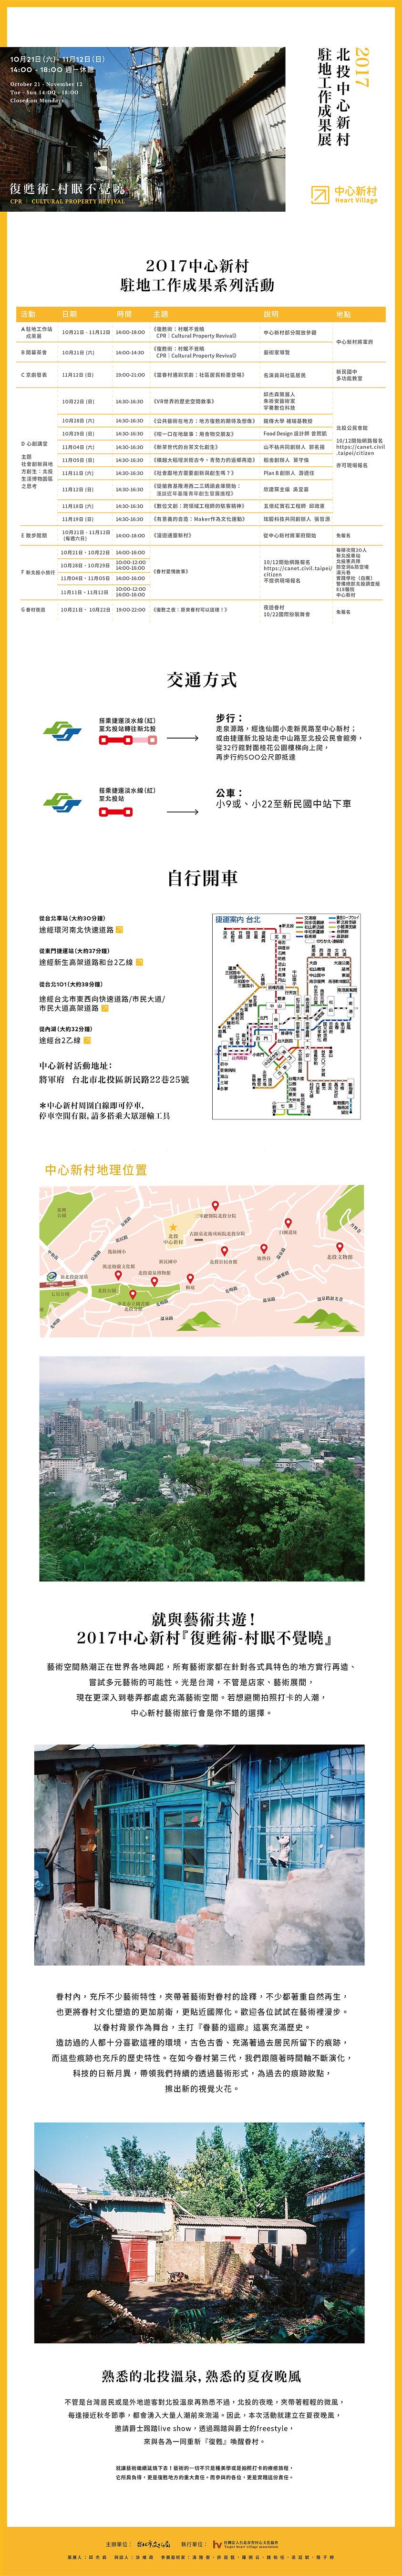 2017中心新村駐地工作成果展